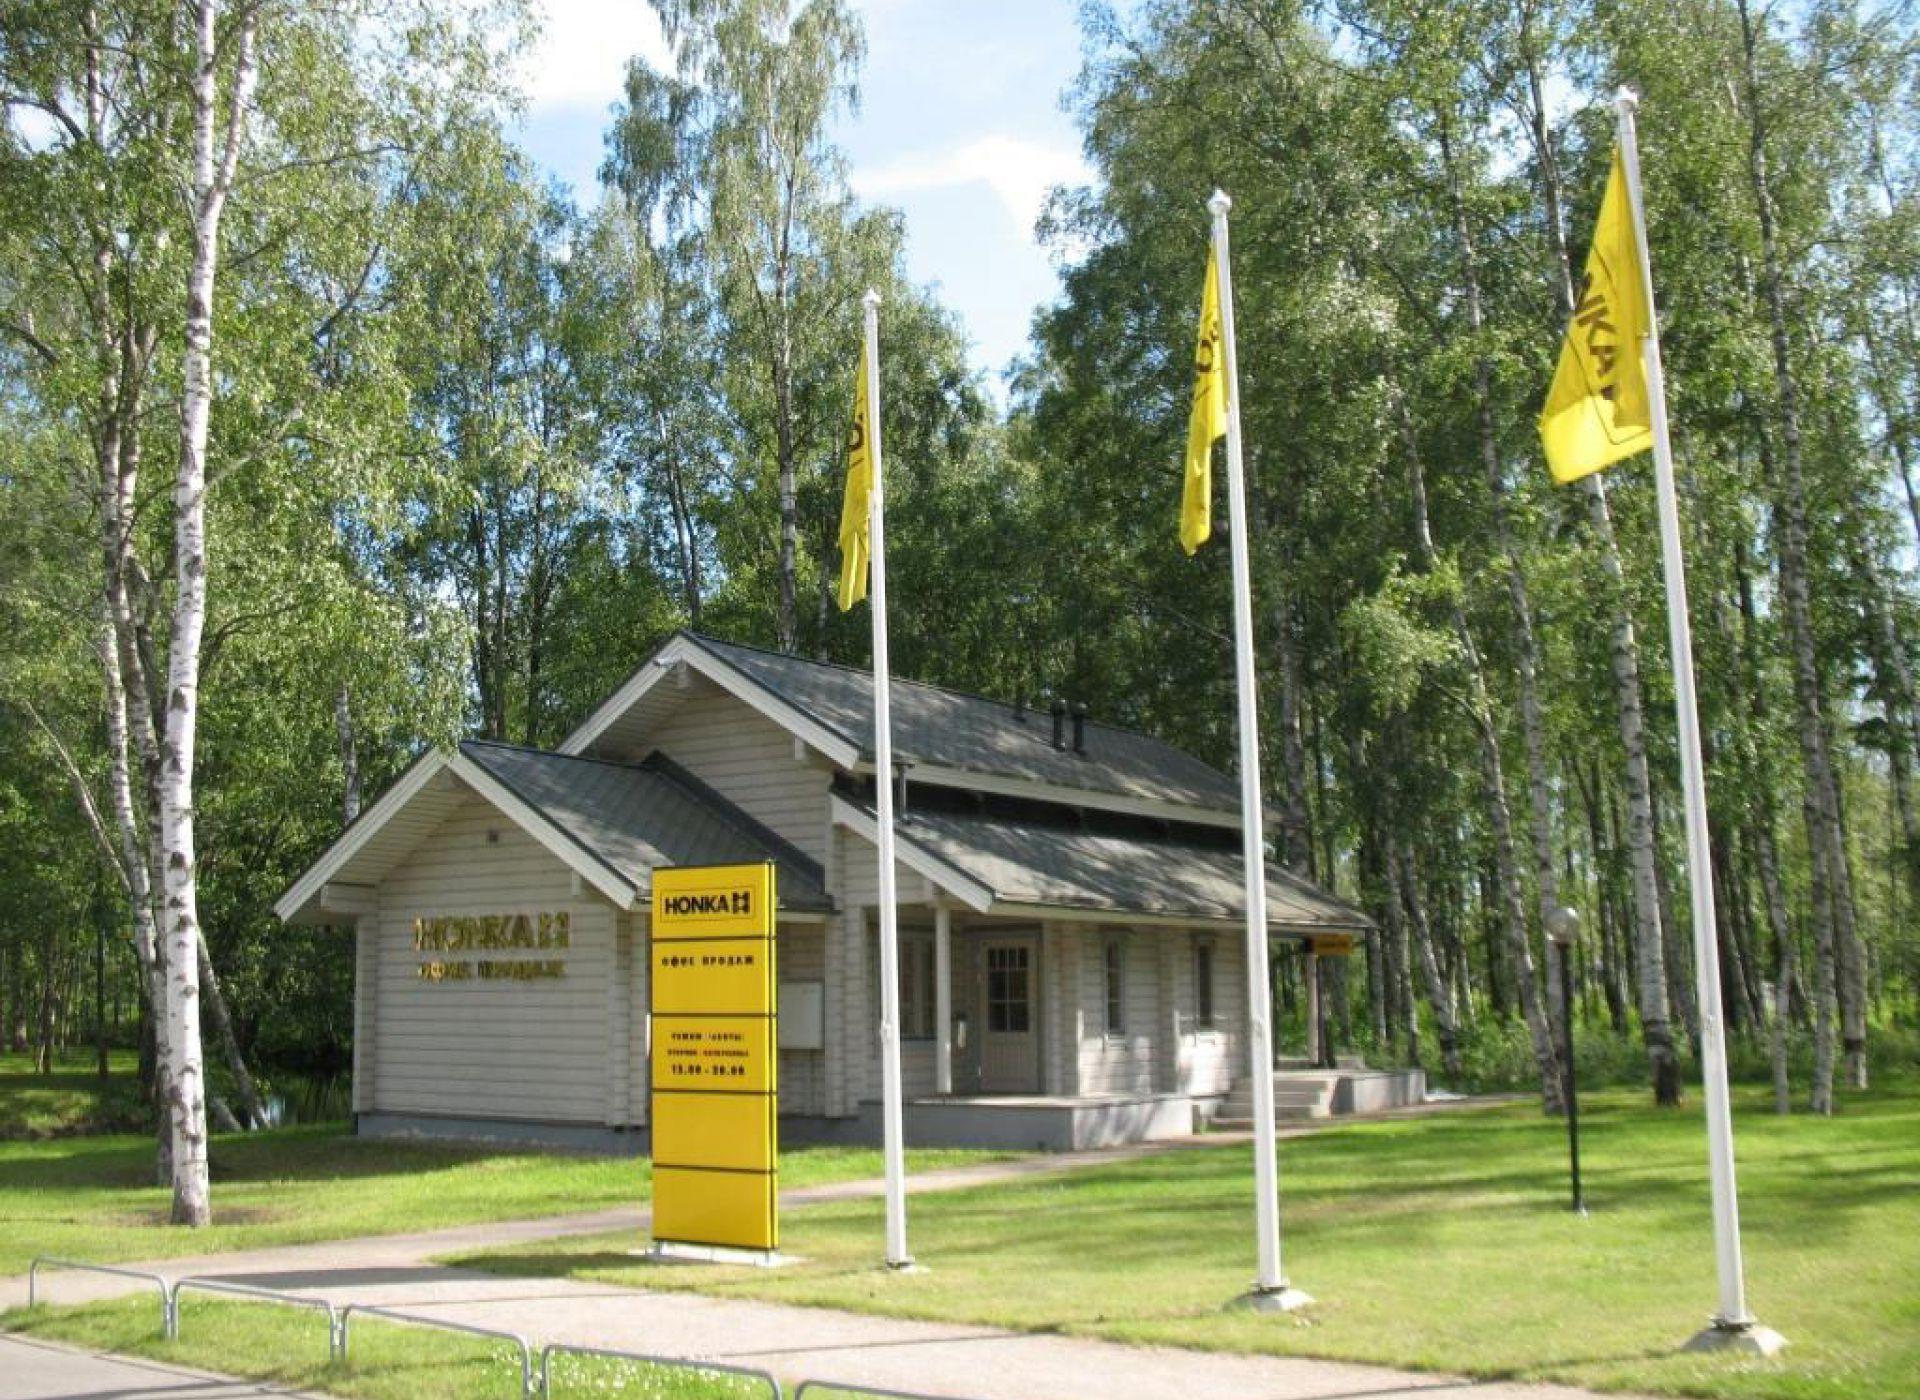 HONKA открыла новый офис продаж в Курортном районе Санкт-Петербурга, в Сестрорецке.